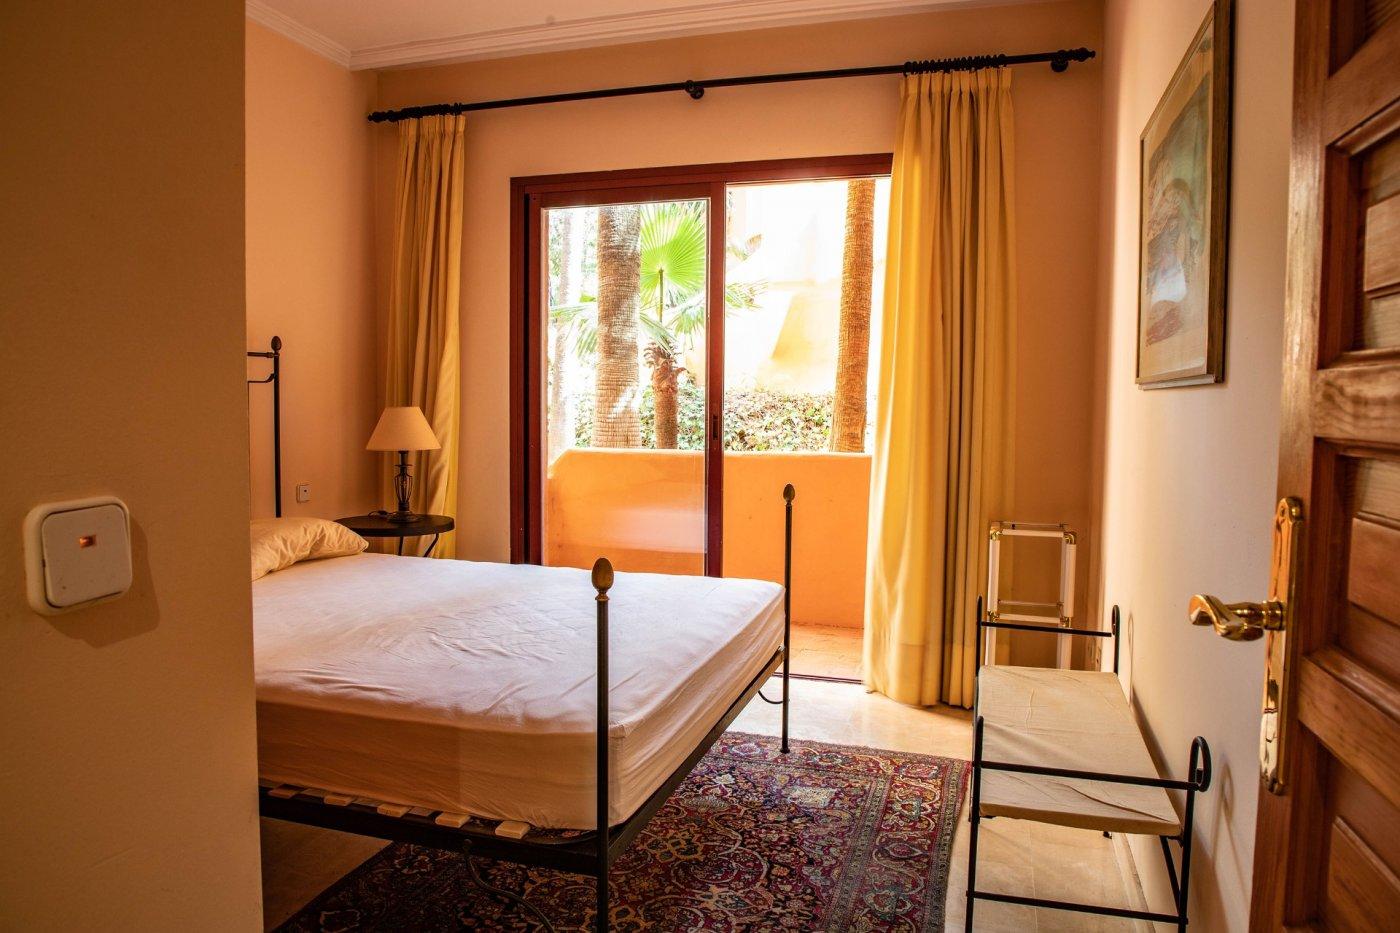 Precioso apartamento en santa ponsa - imagenInmueble21